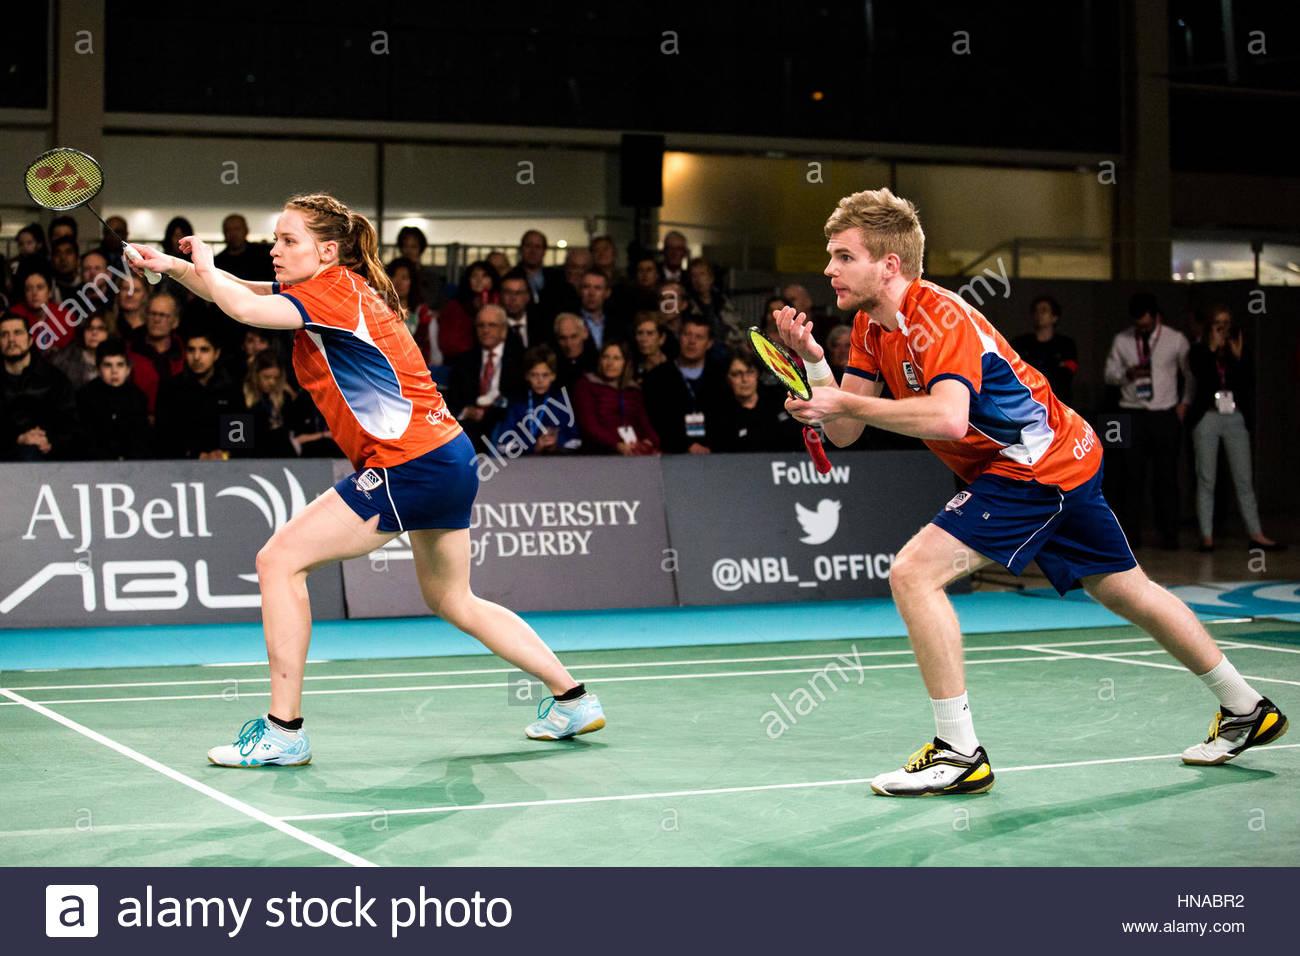 Nazionale AJBell Badminton League - Team Derby V Università di Nottingham - Centro:MK, Milton Keynes, Regno Immagini Stock